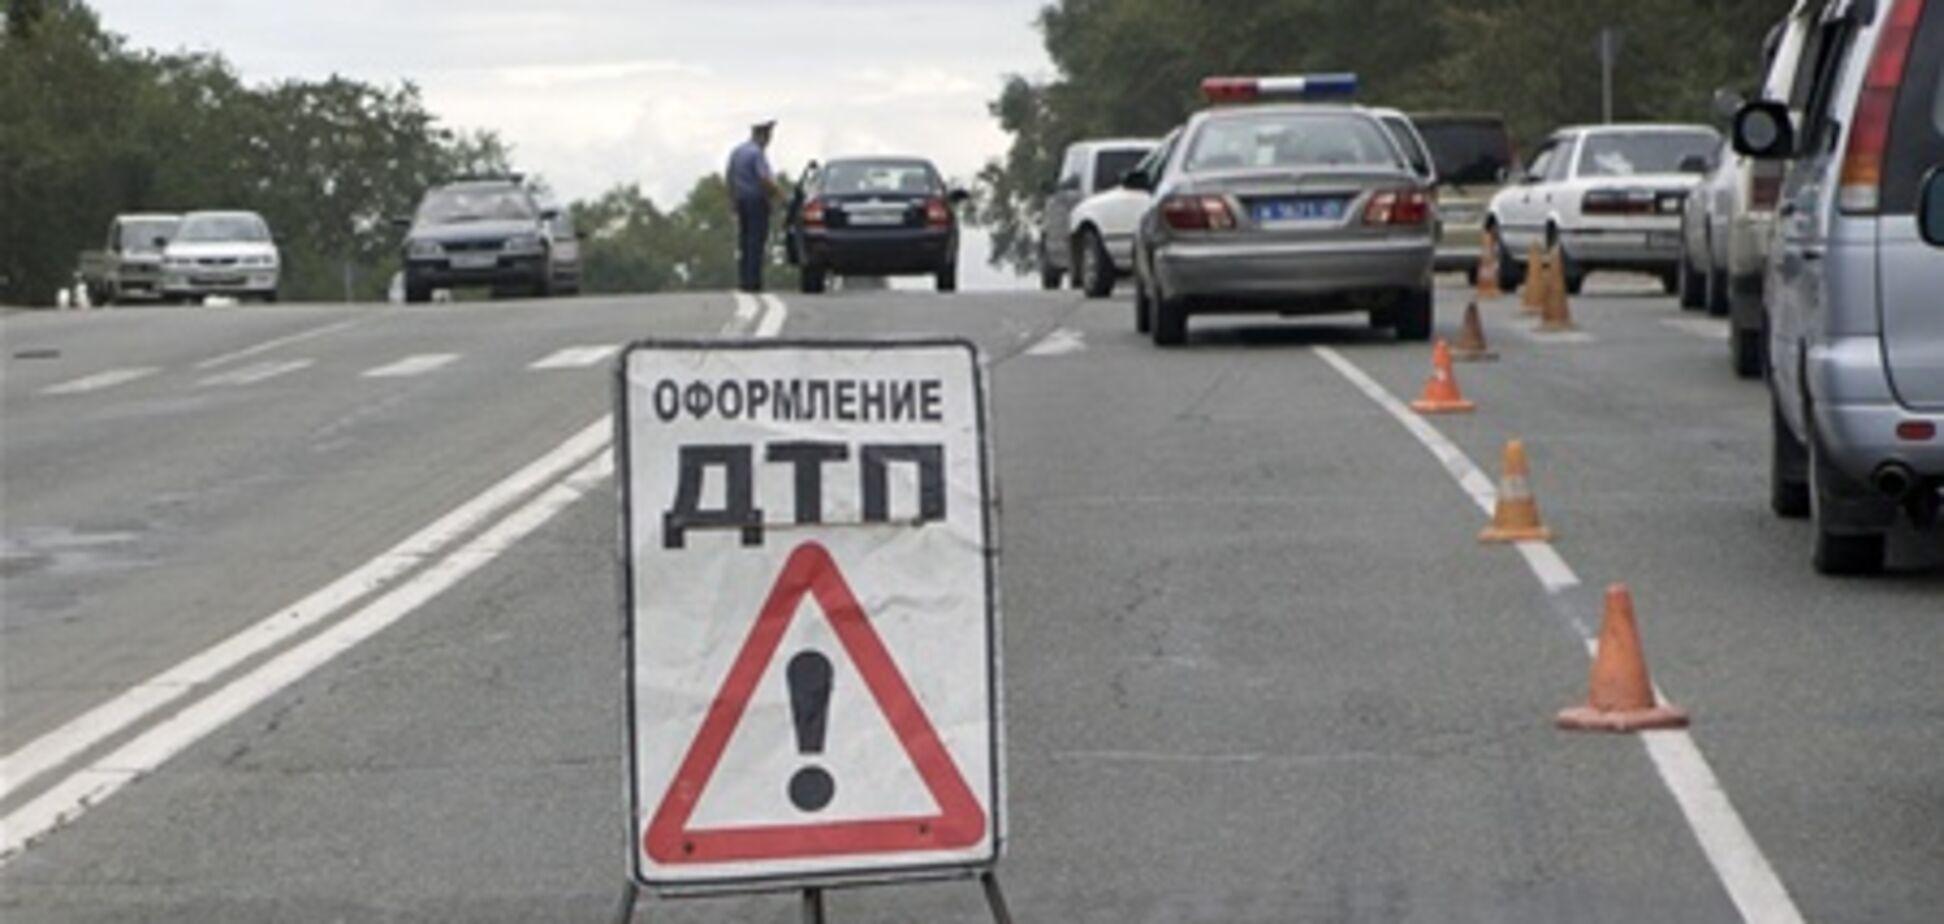 Шесть машин попали в ДТП в Москве, пострадали три человека